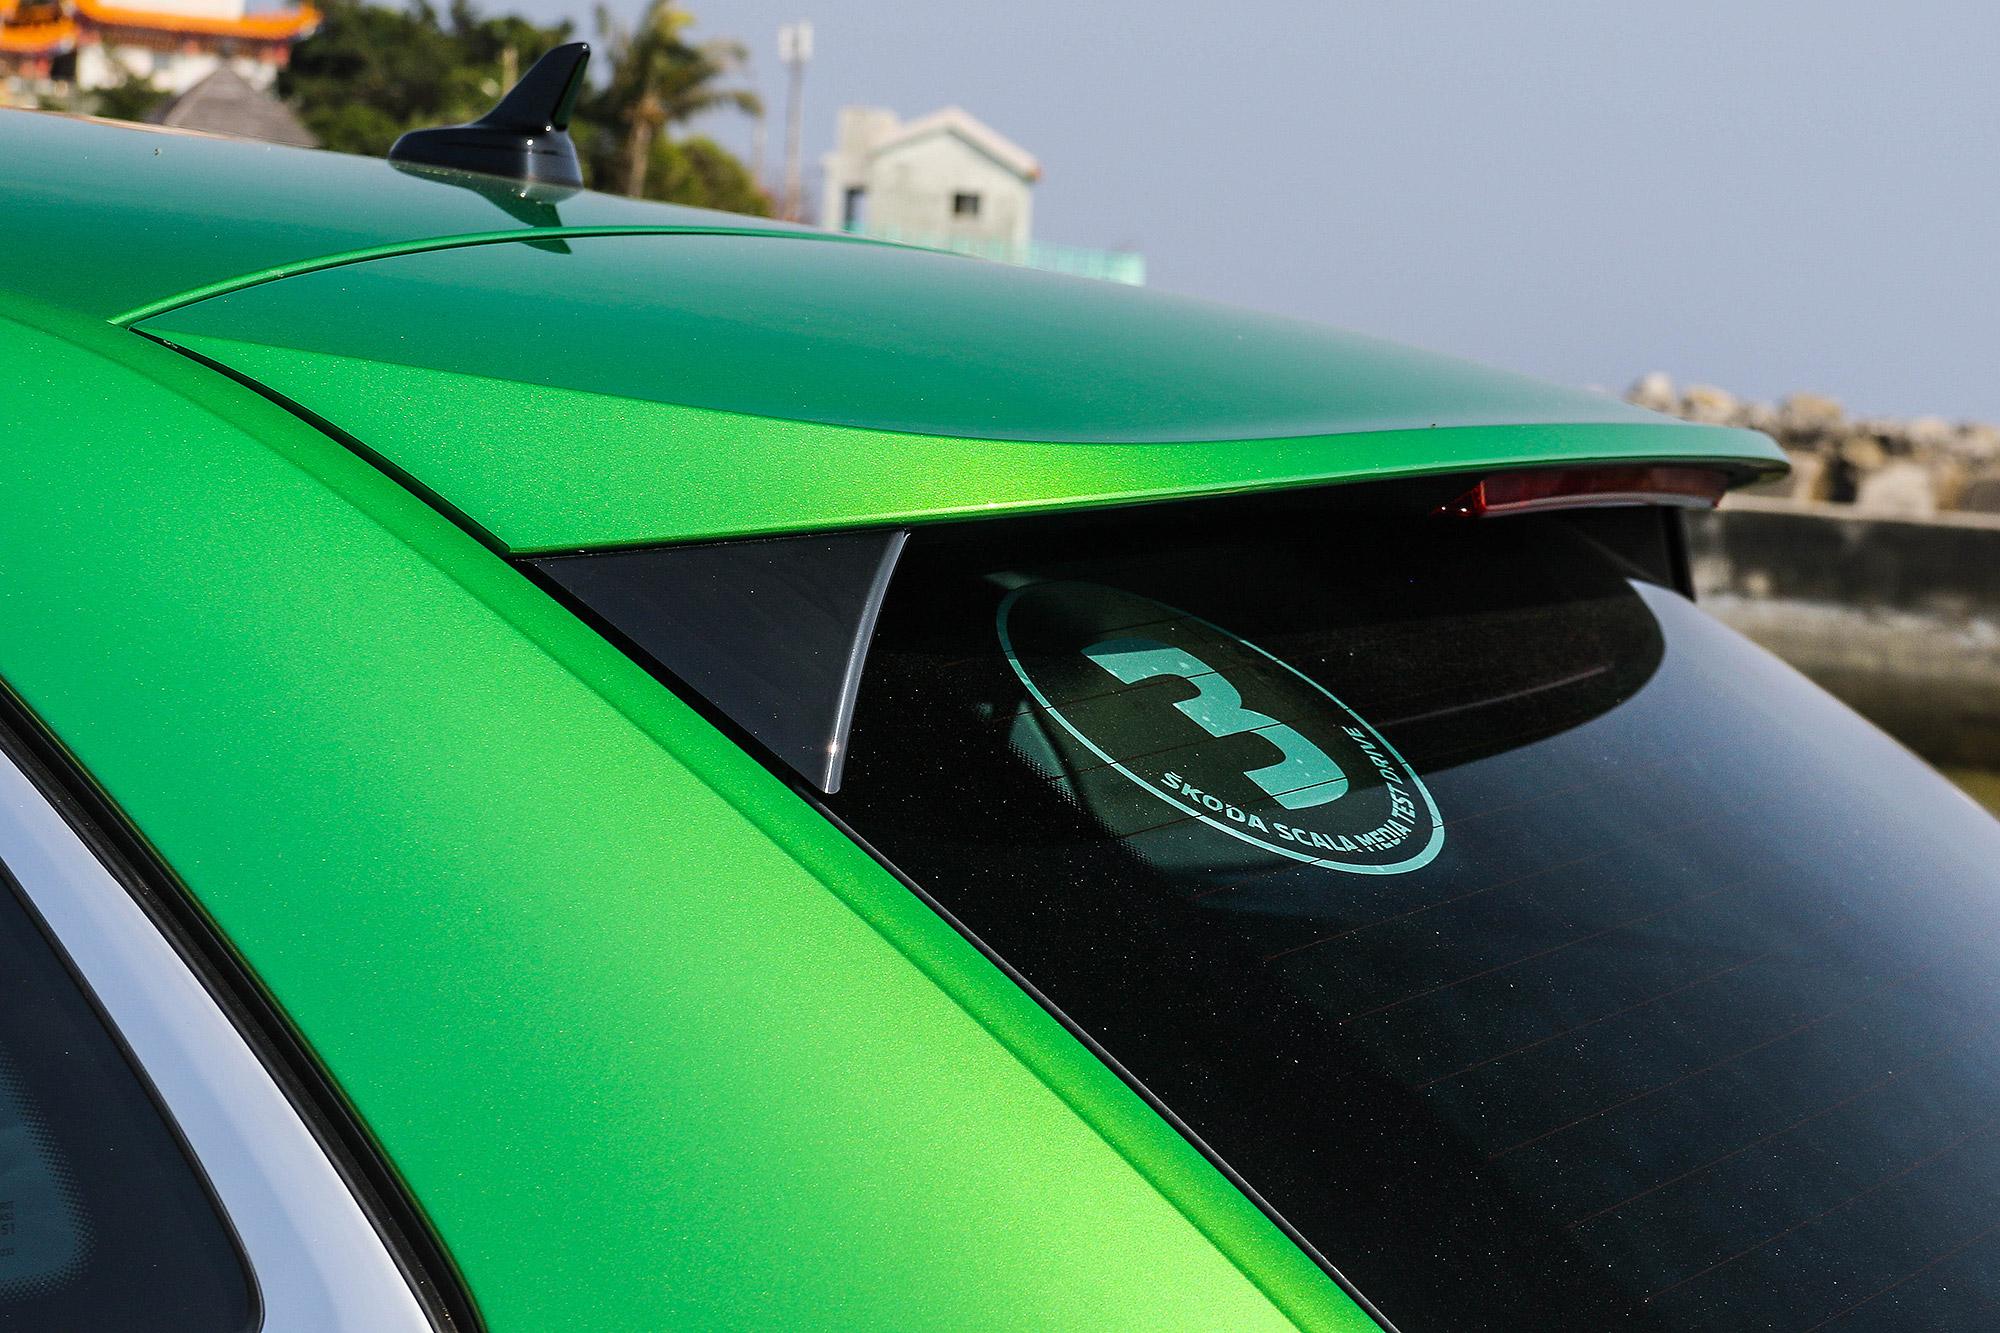 豪華版車型標配大型尾翼,側邊亦配備空力穩定設計。